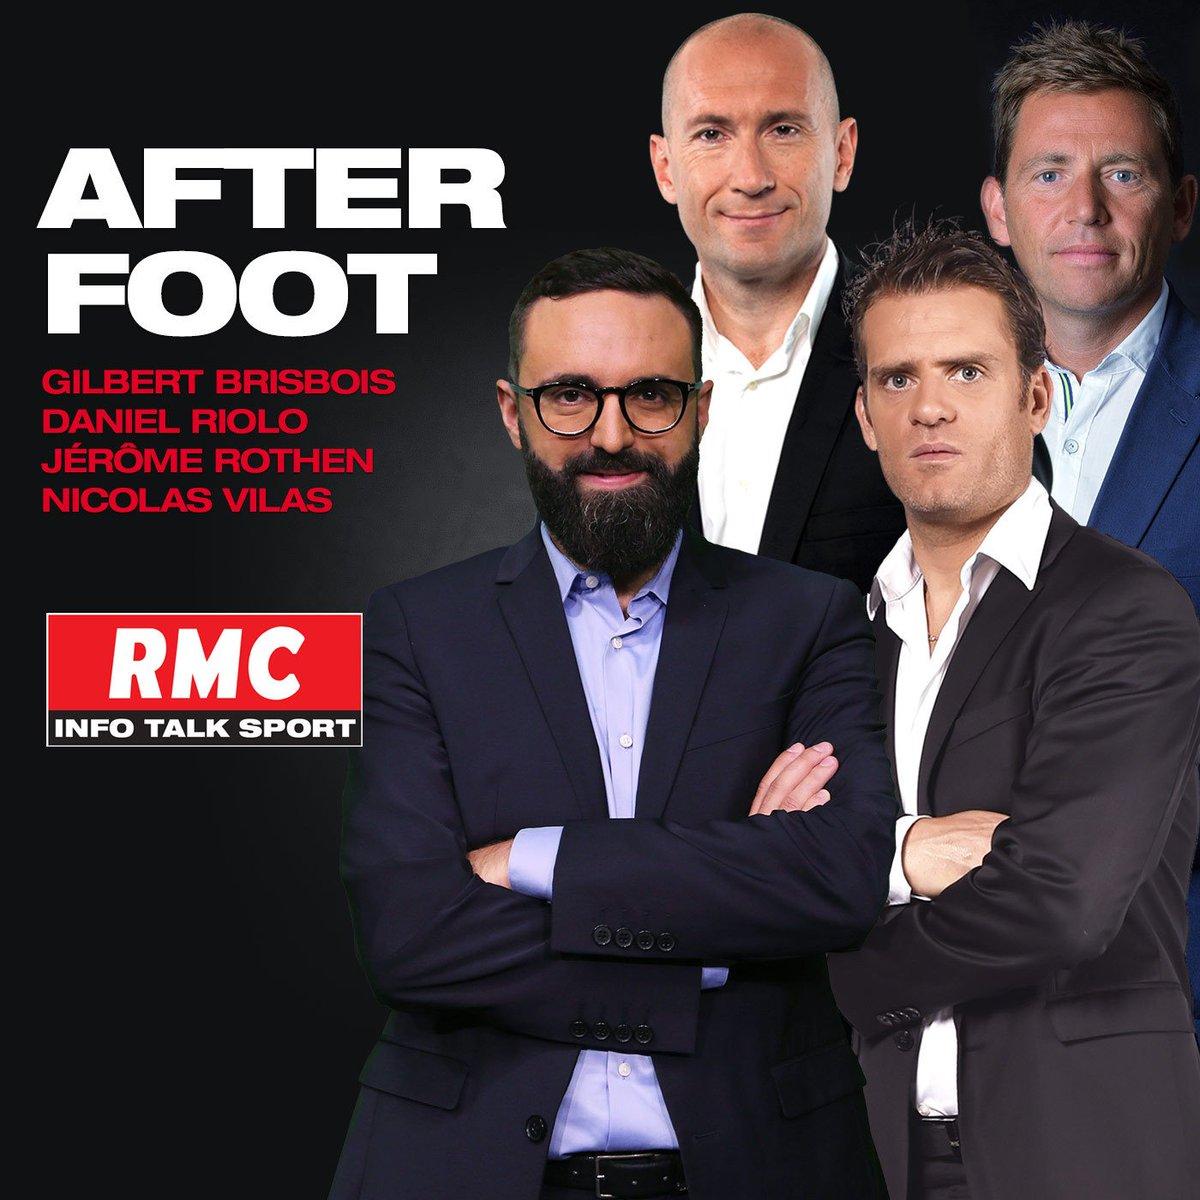 C'est parti pour l'After foot en simultané en radio sur #RMC  et en TV  sur #RMCSportNews !  https://bit.ly/2nFwxO5 #rmclive  - FestivalFocus